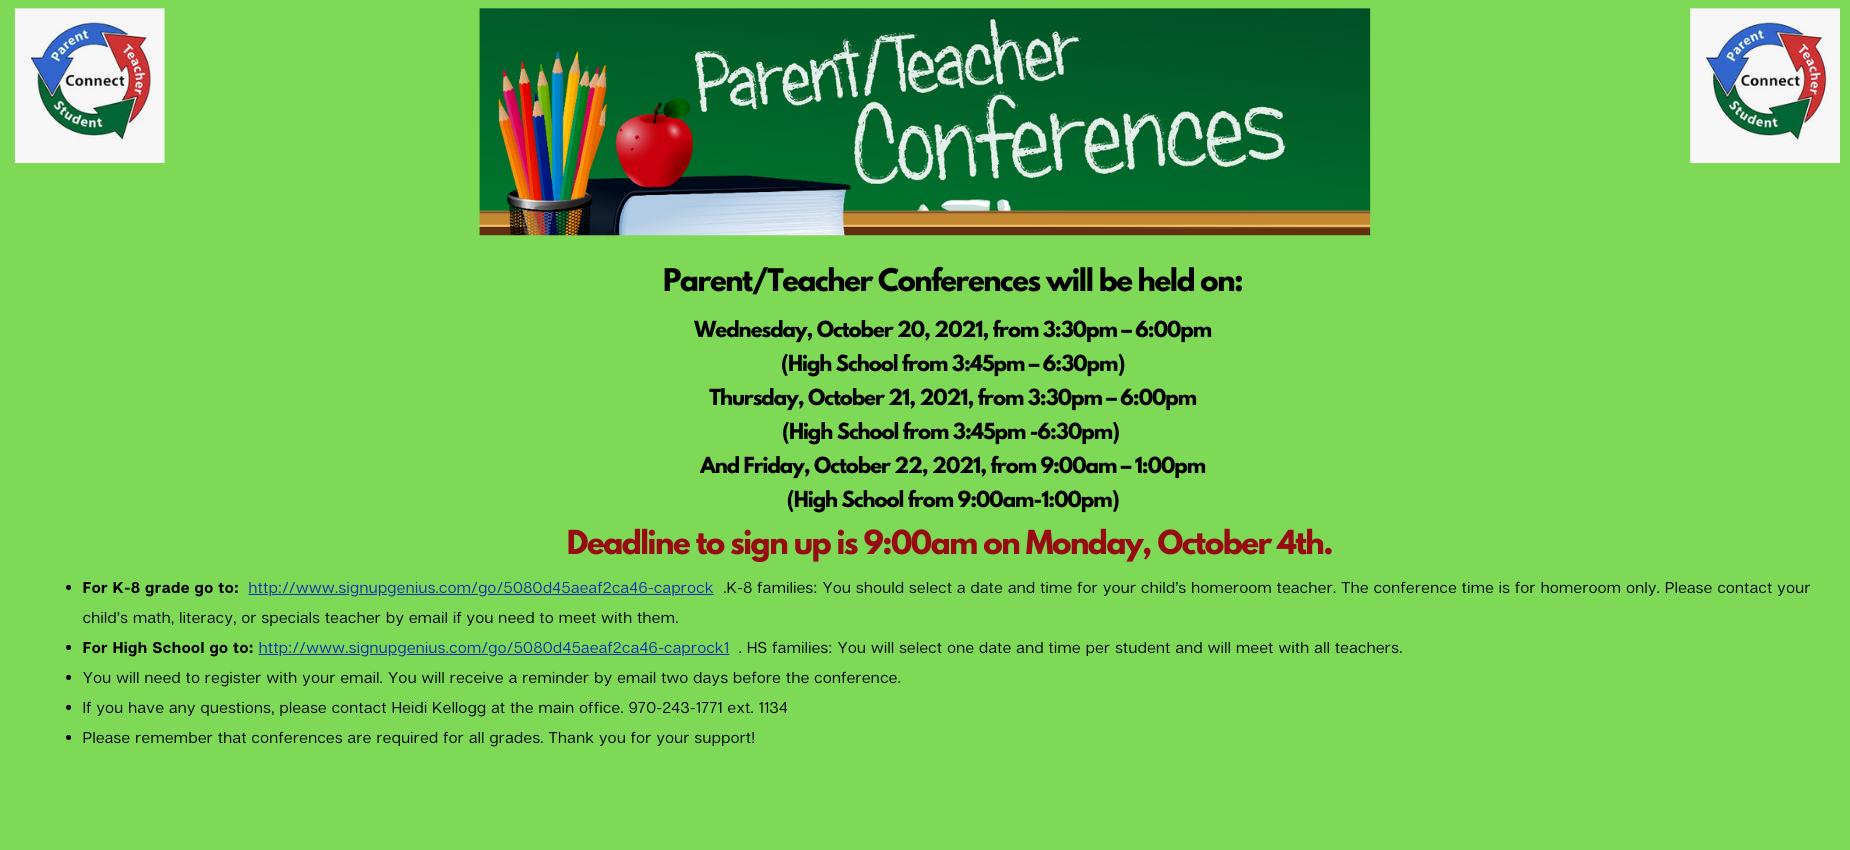 Parent Teacher conferences sign up now open